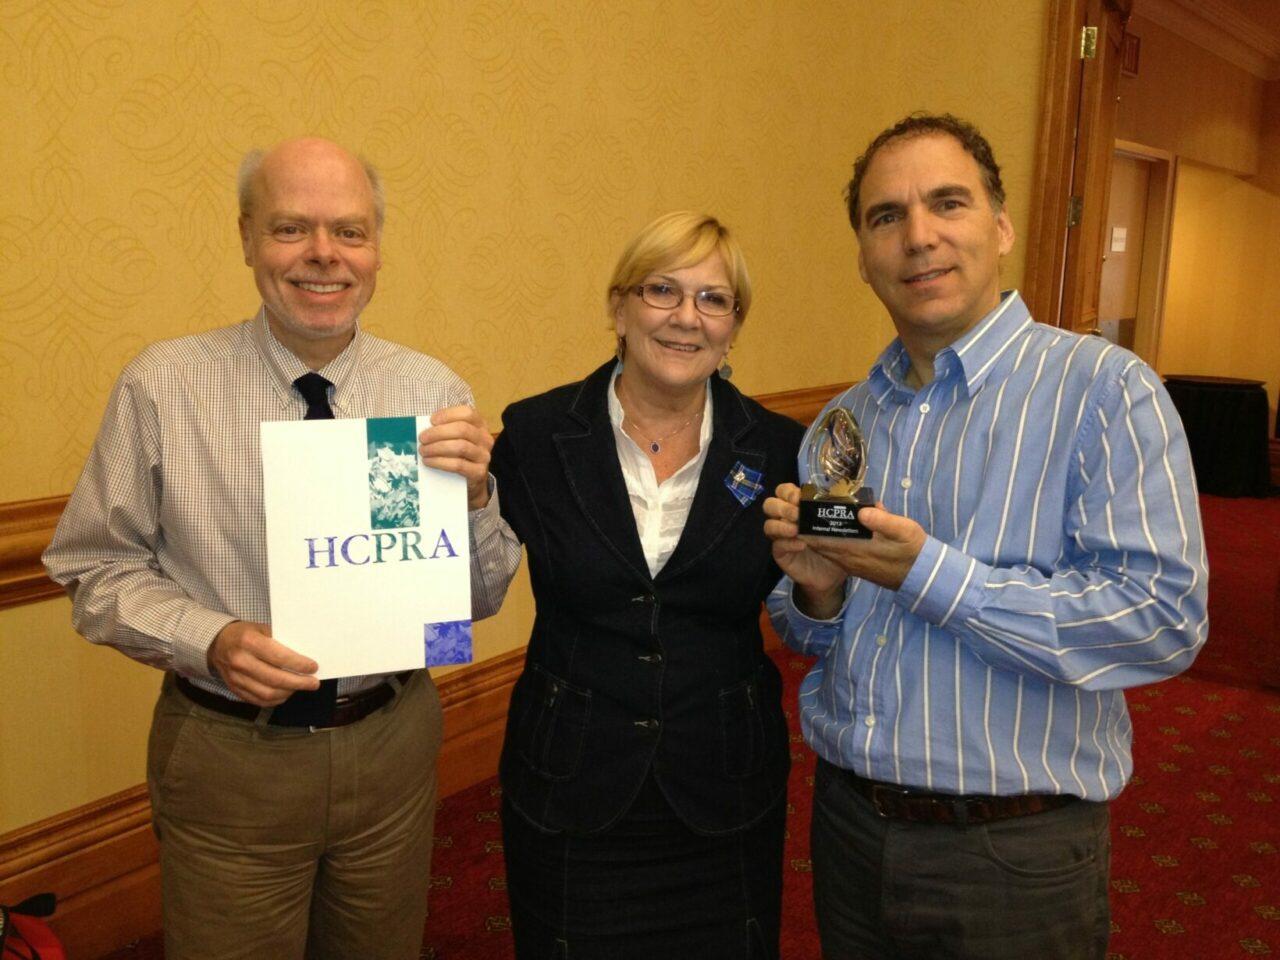 JGH winner of HCPRA - Prix Hygeia Award